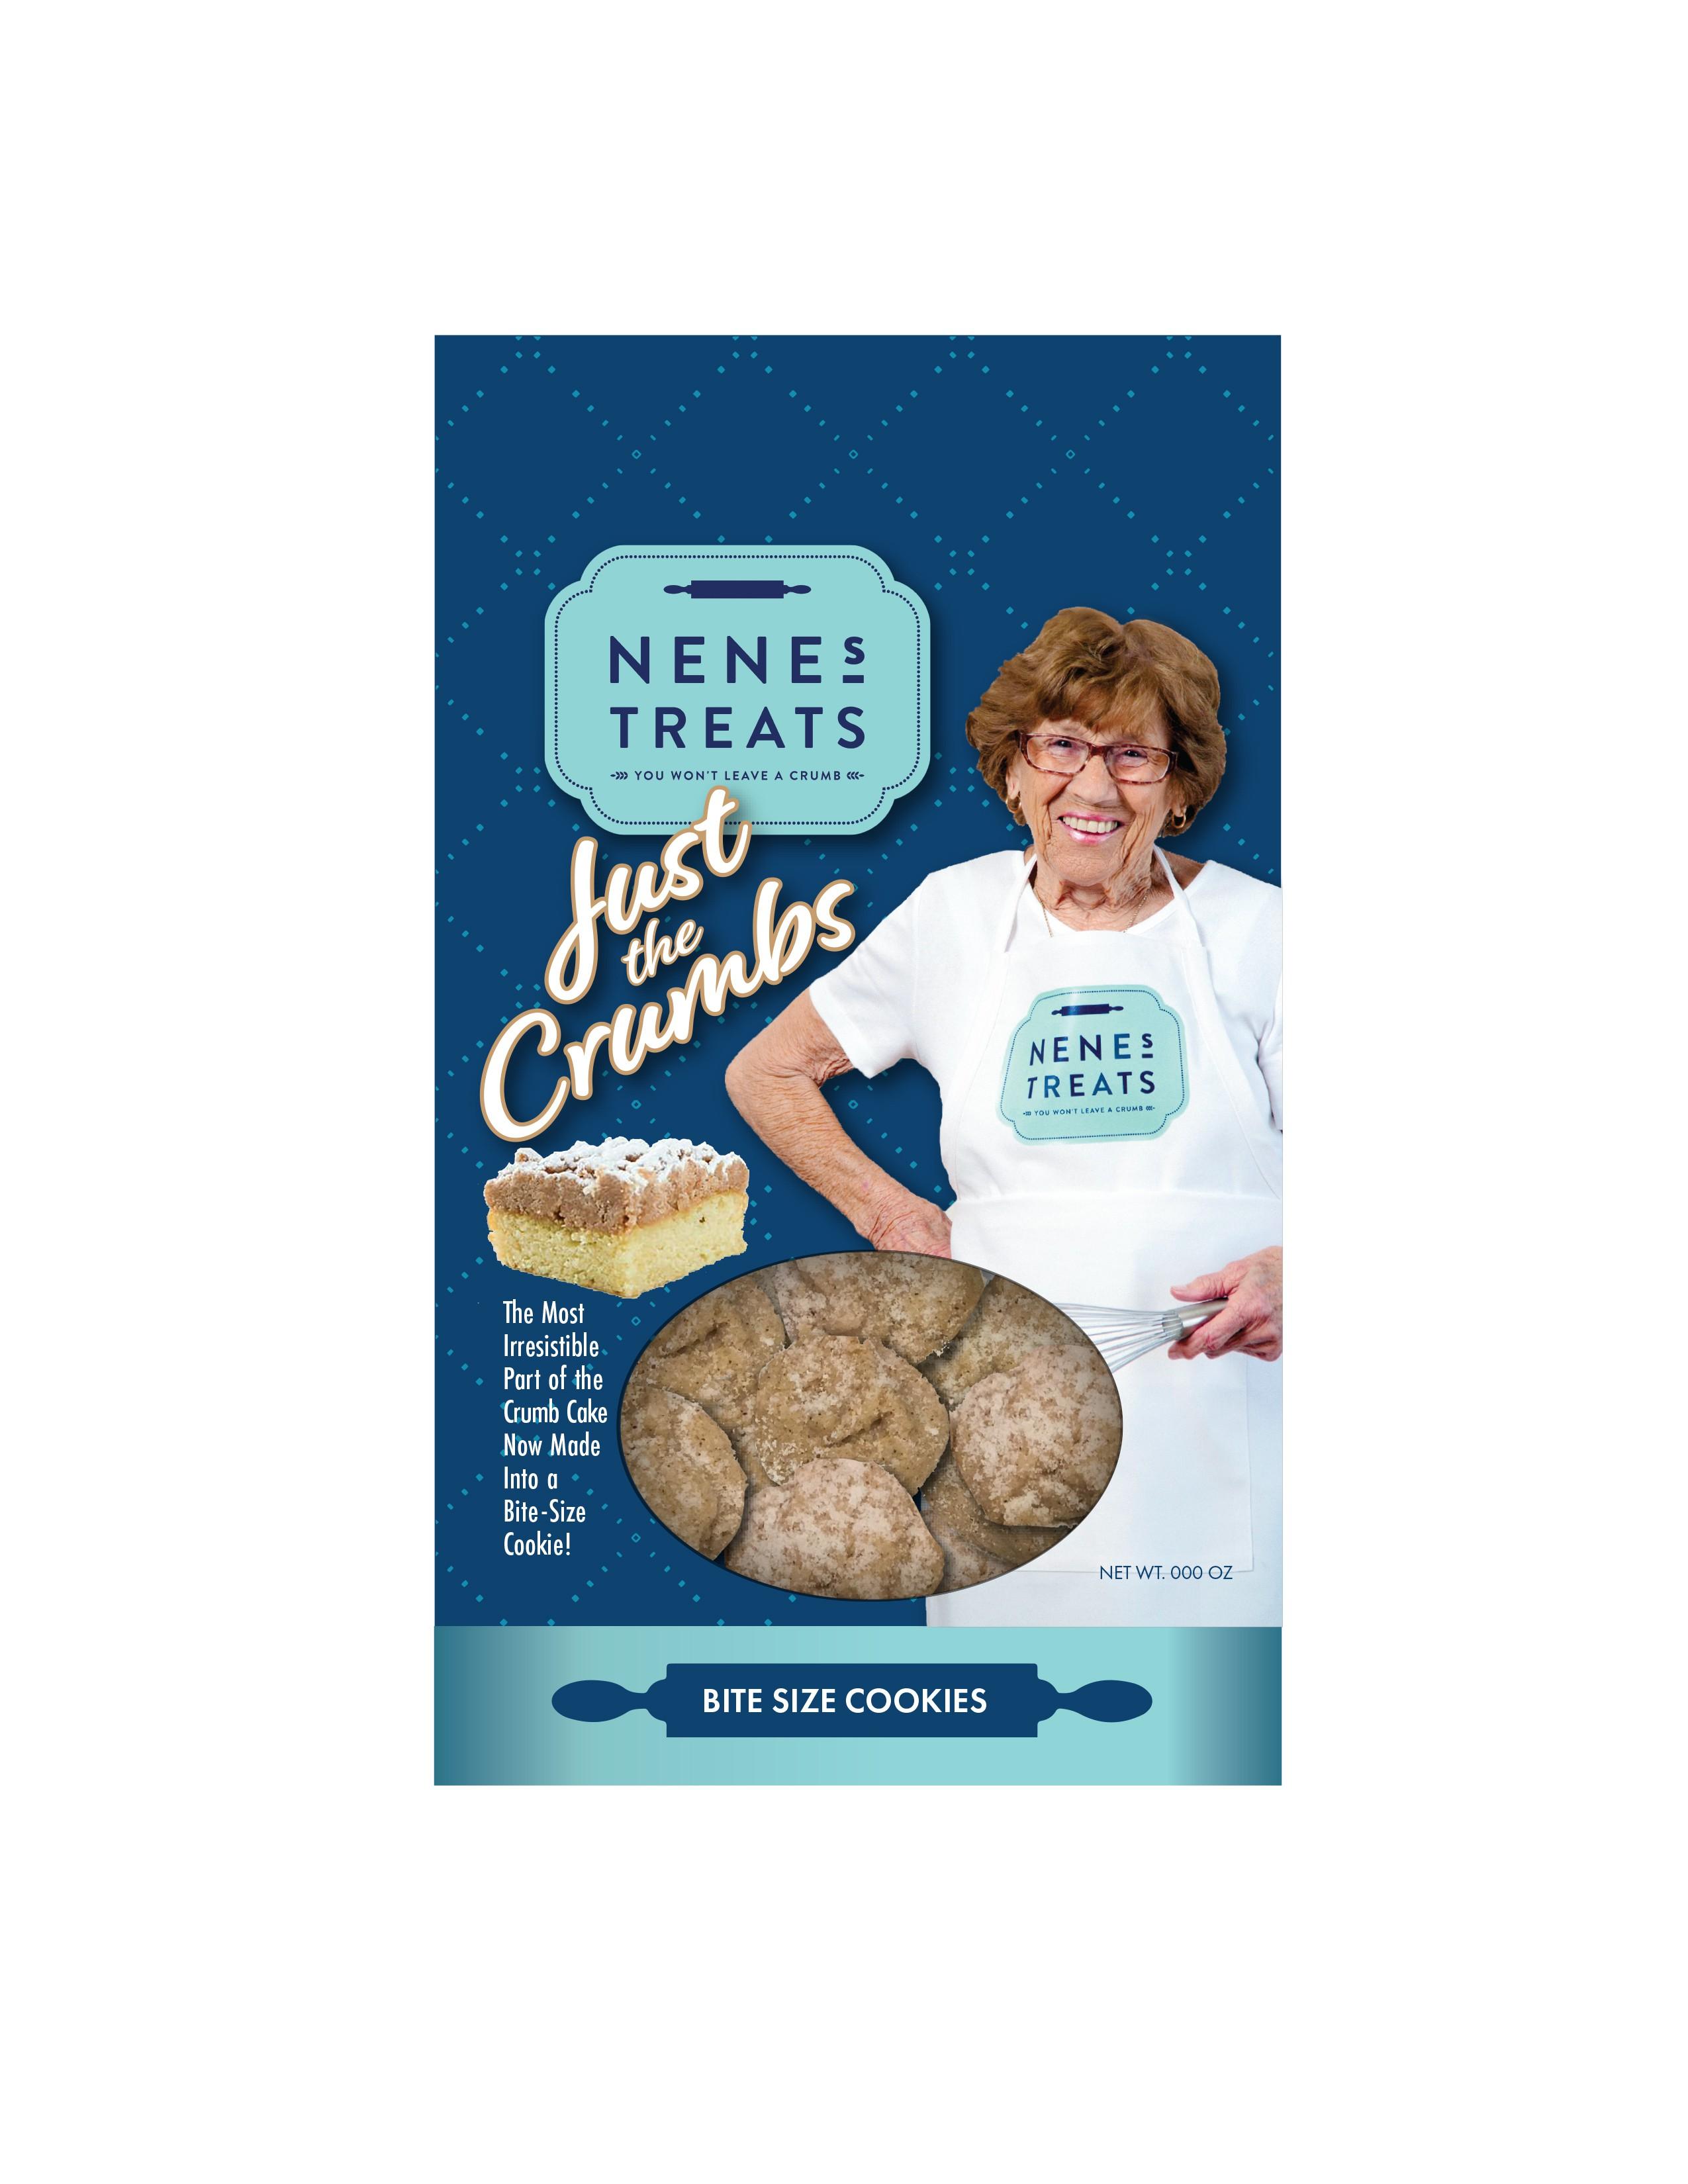 Nene's Treats ~ Just Crumbs!